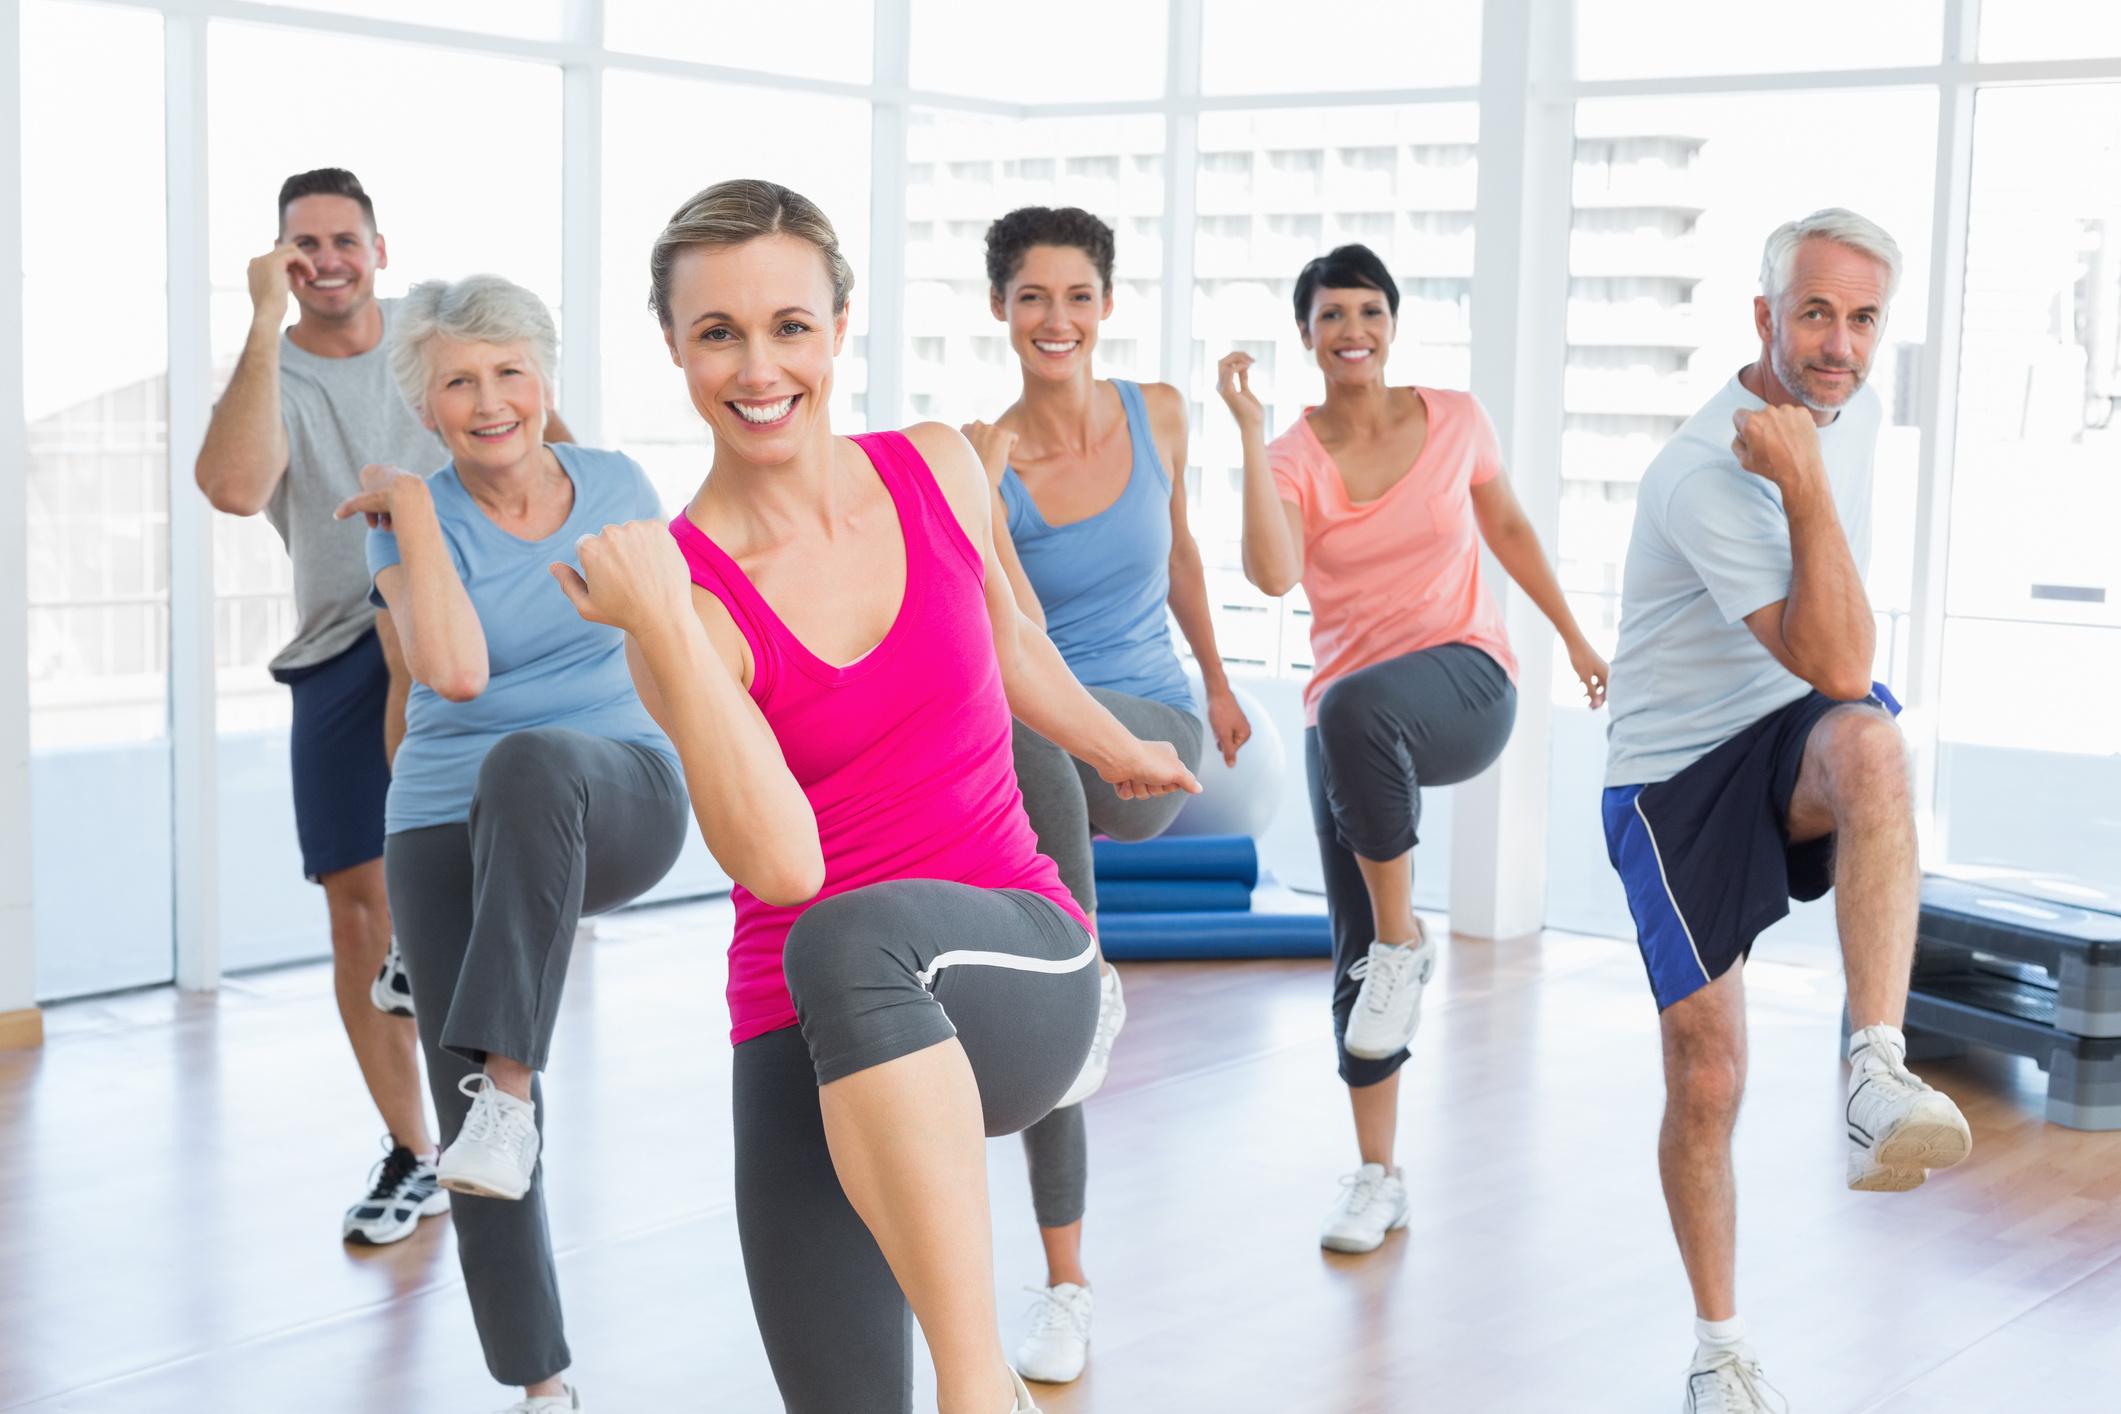 Tippek az 50 feletti testsúlycsökkentéshez. 50 felett így lehet fogyni